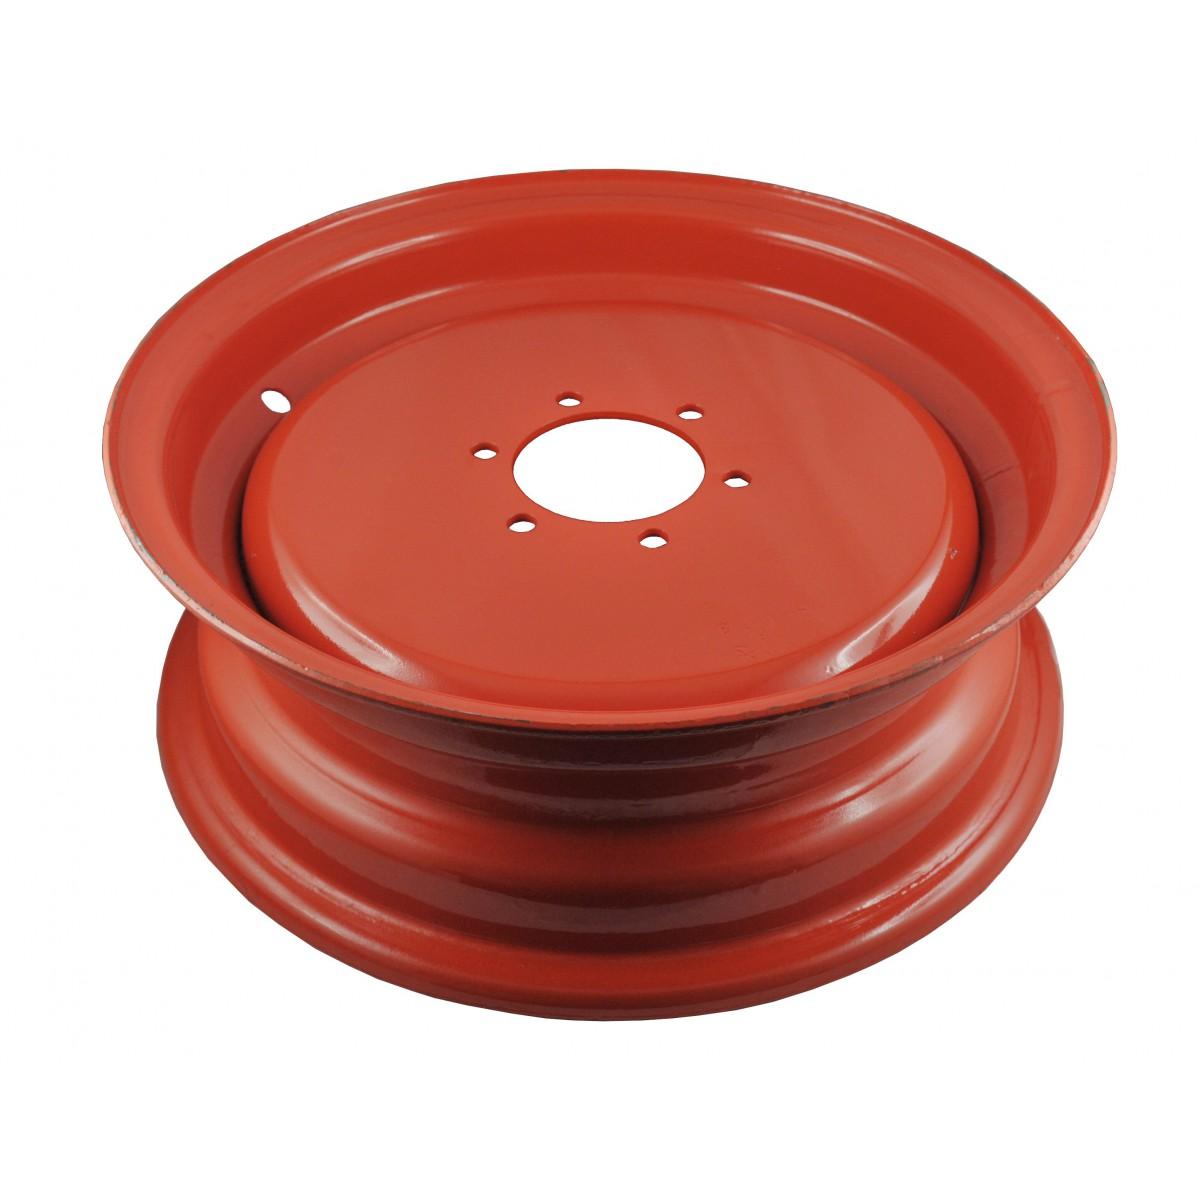 Felge 5.5F-16' für Reifen 7.50-16, 6 Loch 90x120 mm